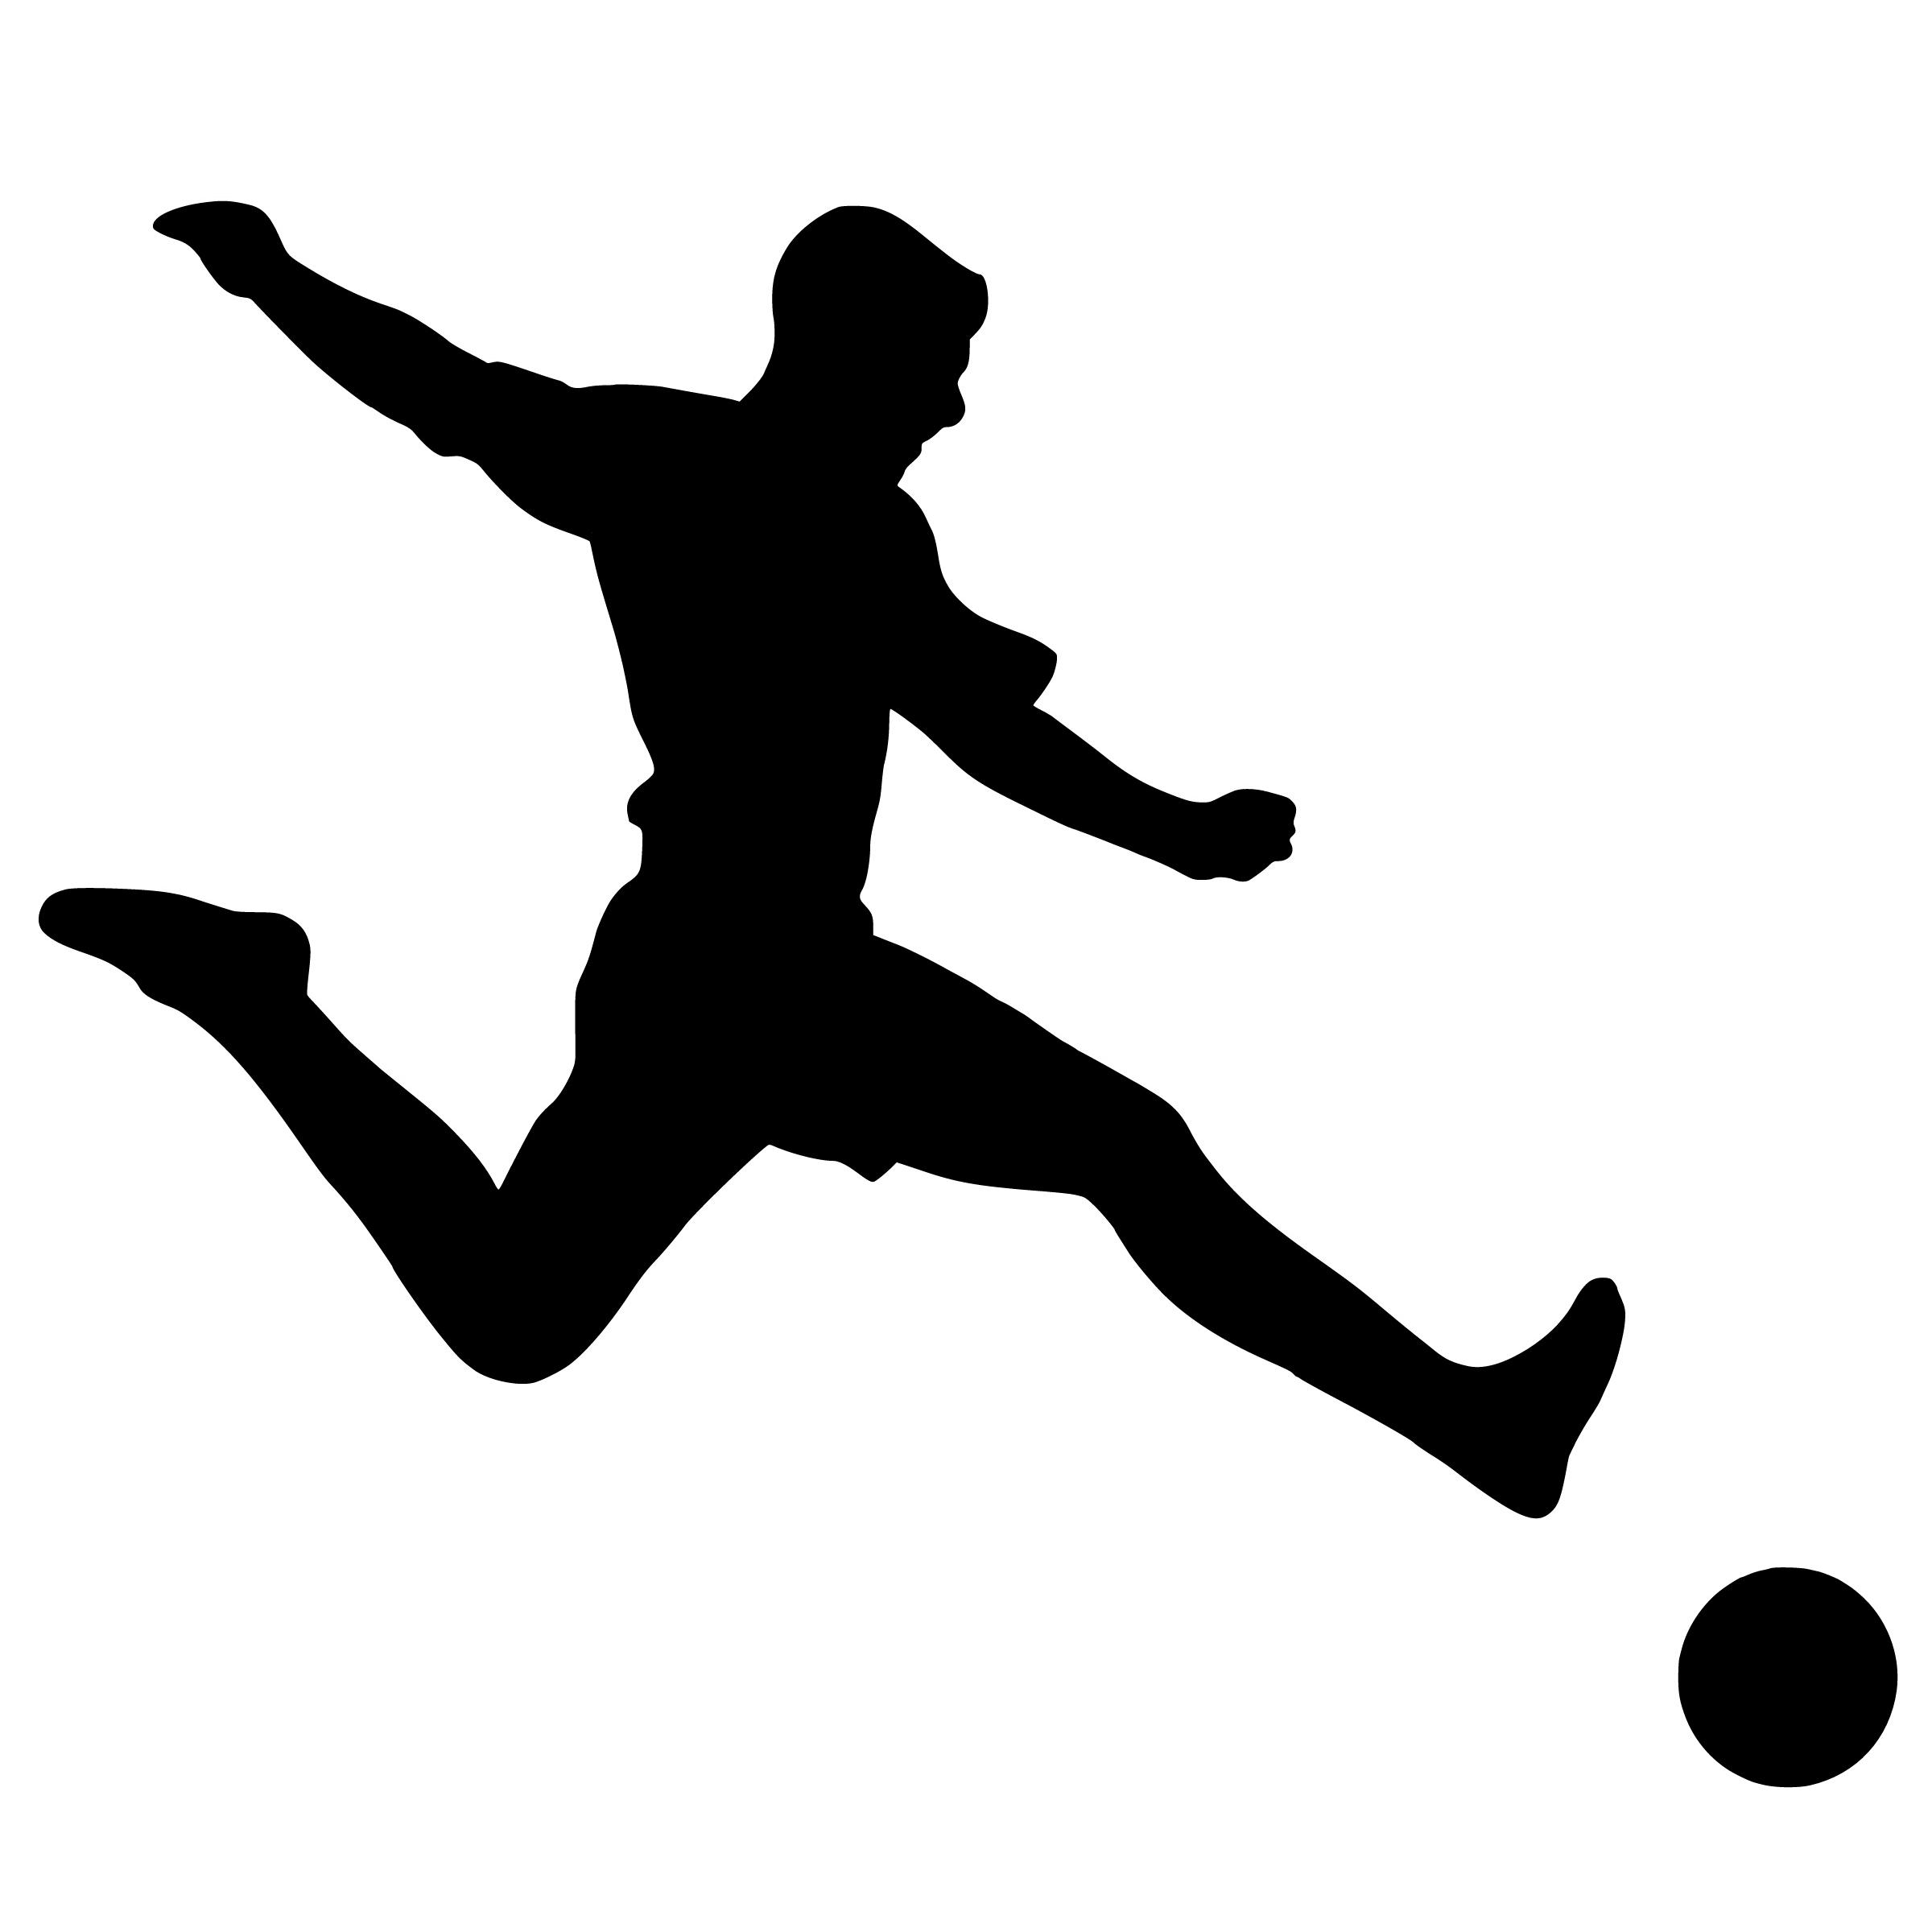 Gambar bayangan hitam sepak bola pemain penembakan tindakan atlet aktif manusia tendangan gerakan kontes terpencil energi cangkir pria